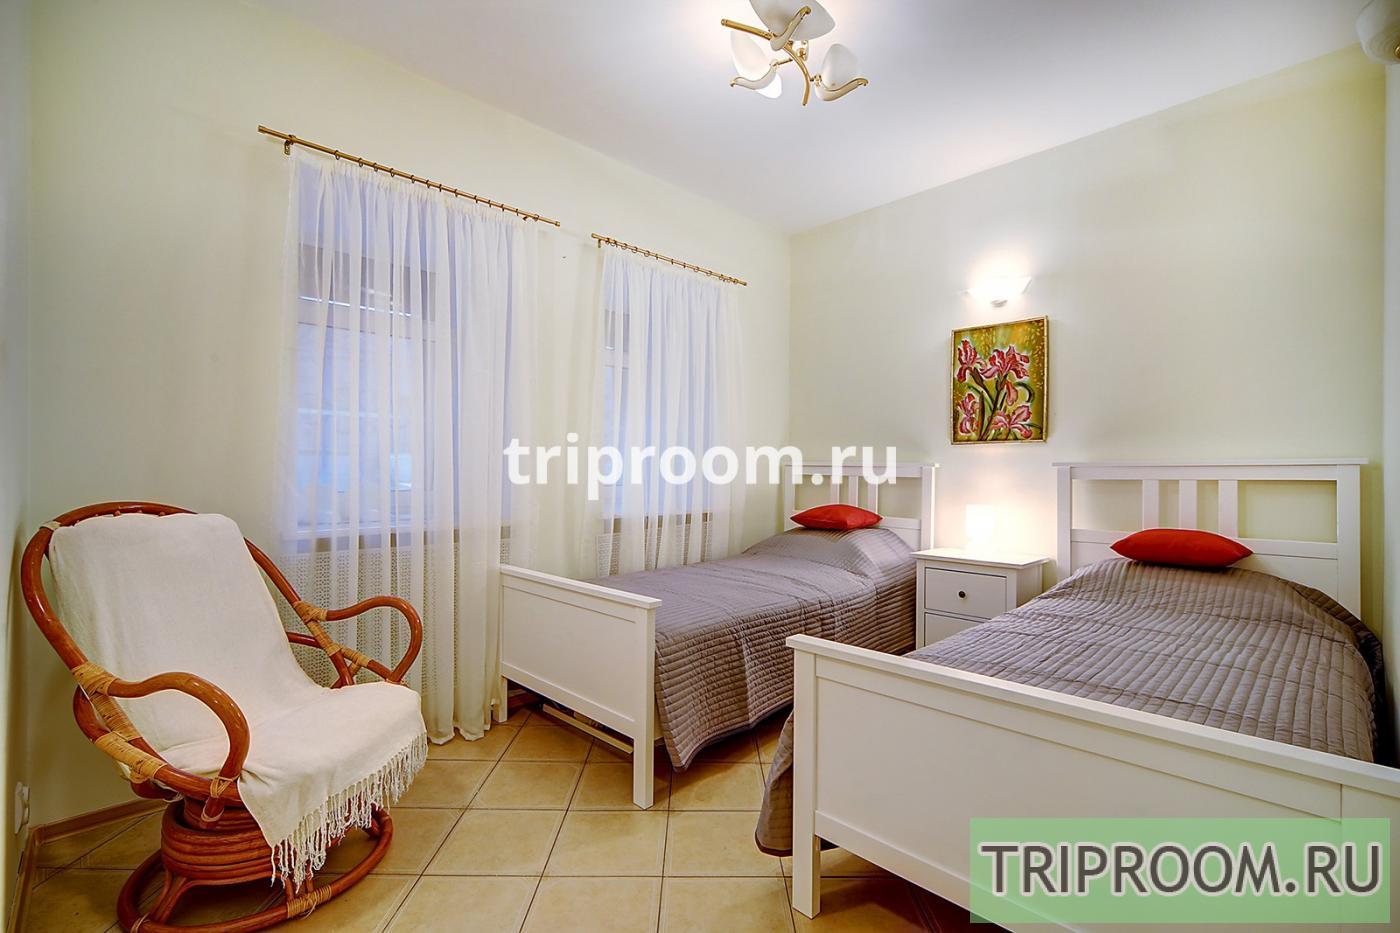 3-комнатная квартира посуточно (вариант № 14749), ул. Большая Конюшенная улица, фото № 12